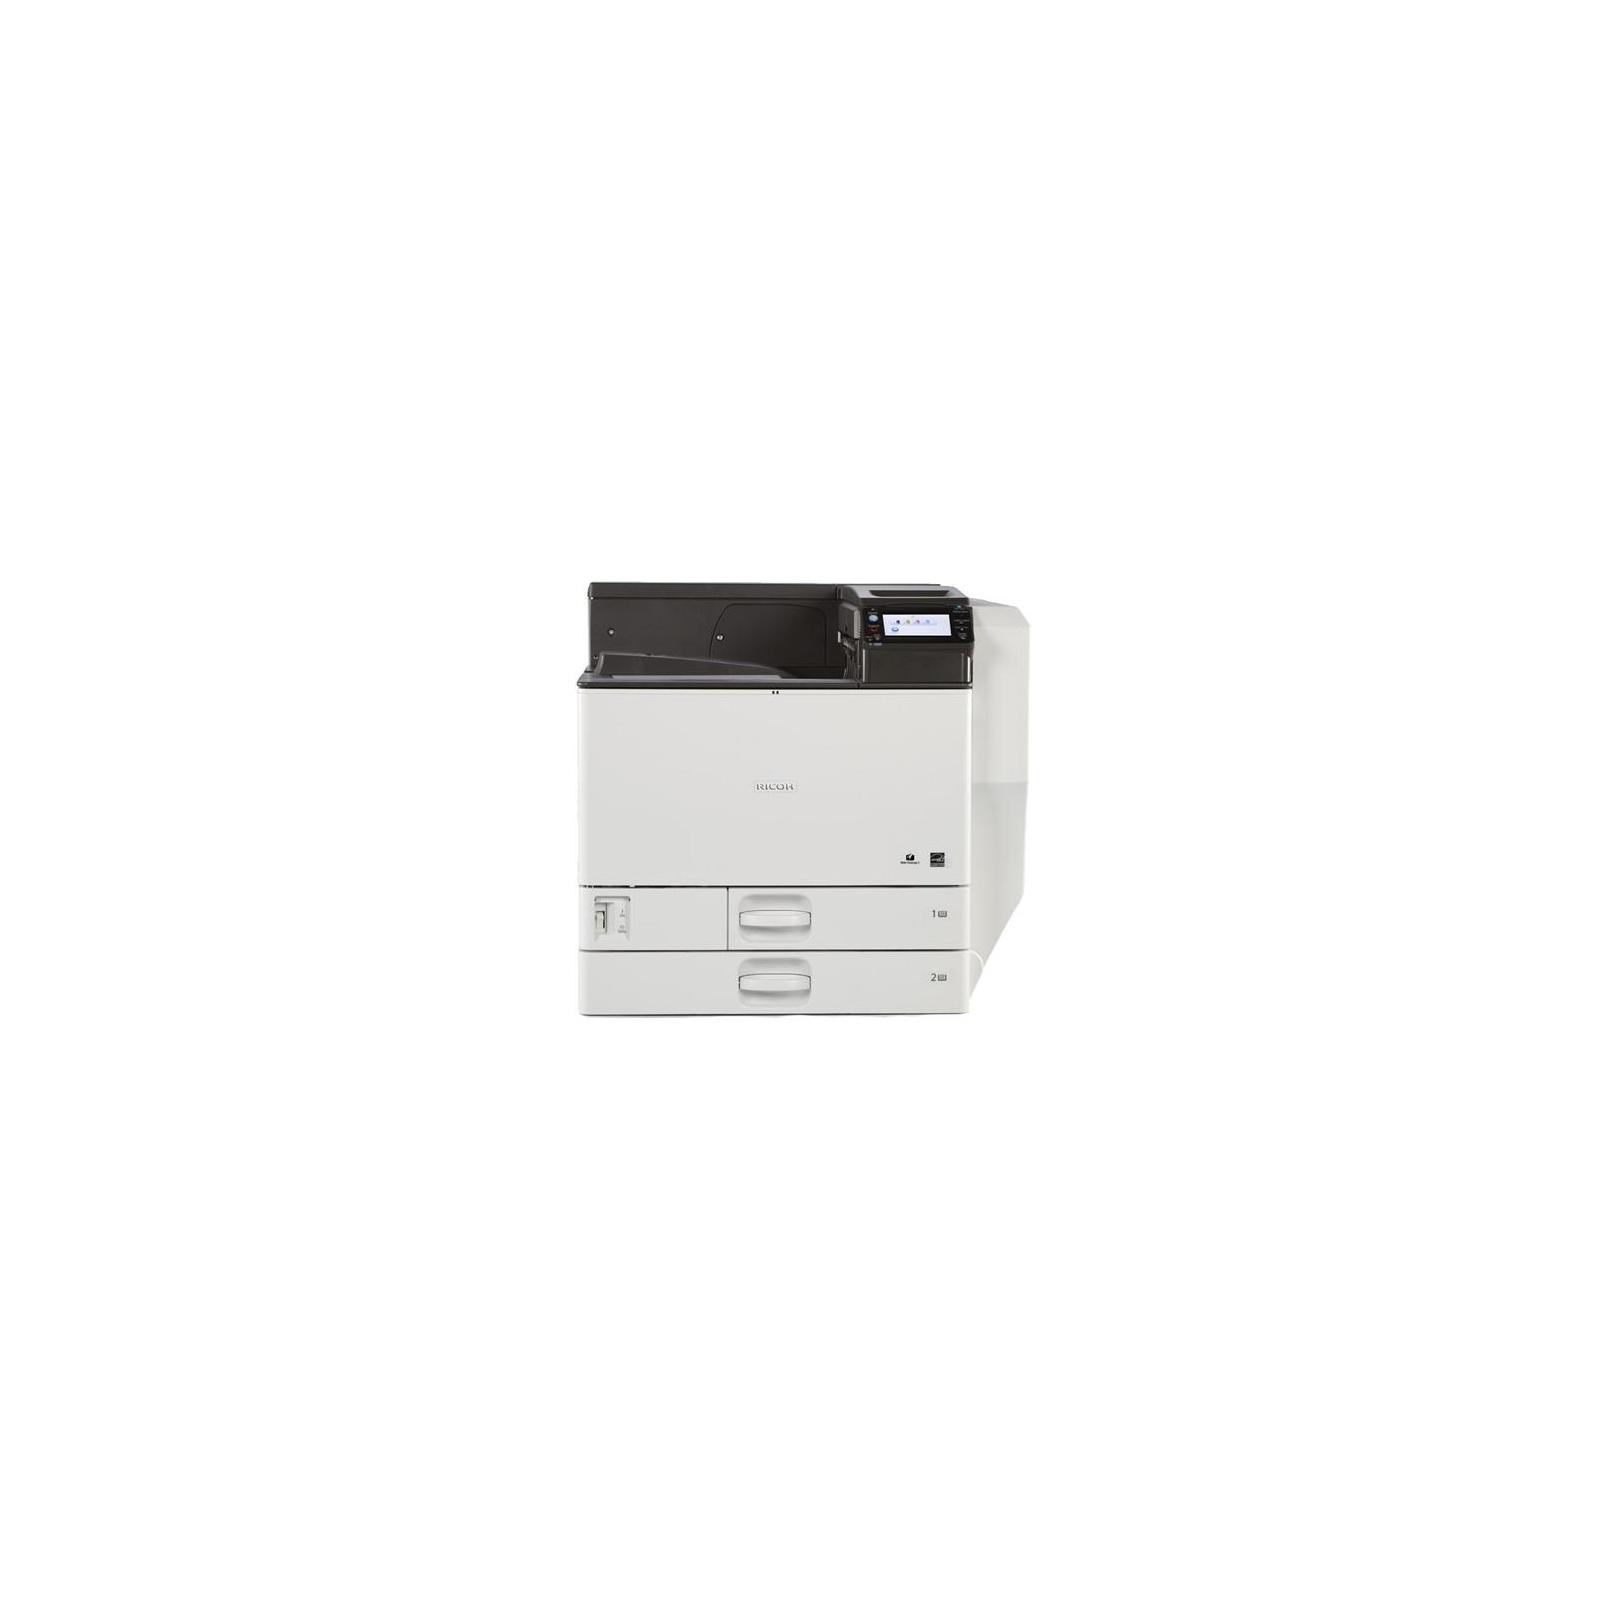 Лазерный принтер Ricoh SP 8300DN (SP8300DN) изображение 2